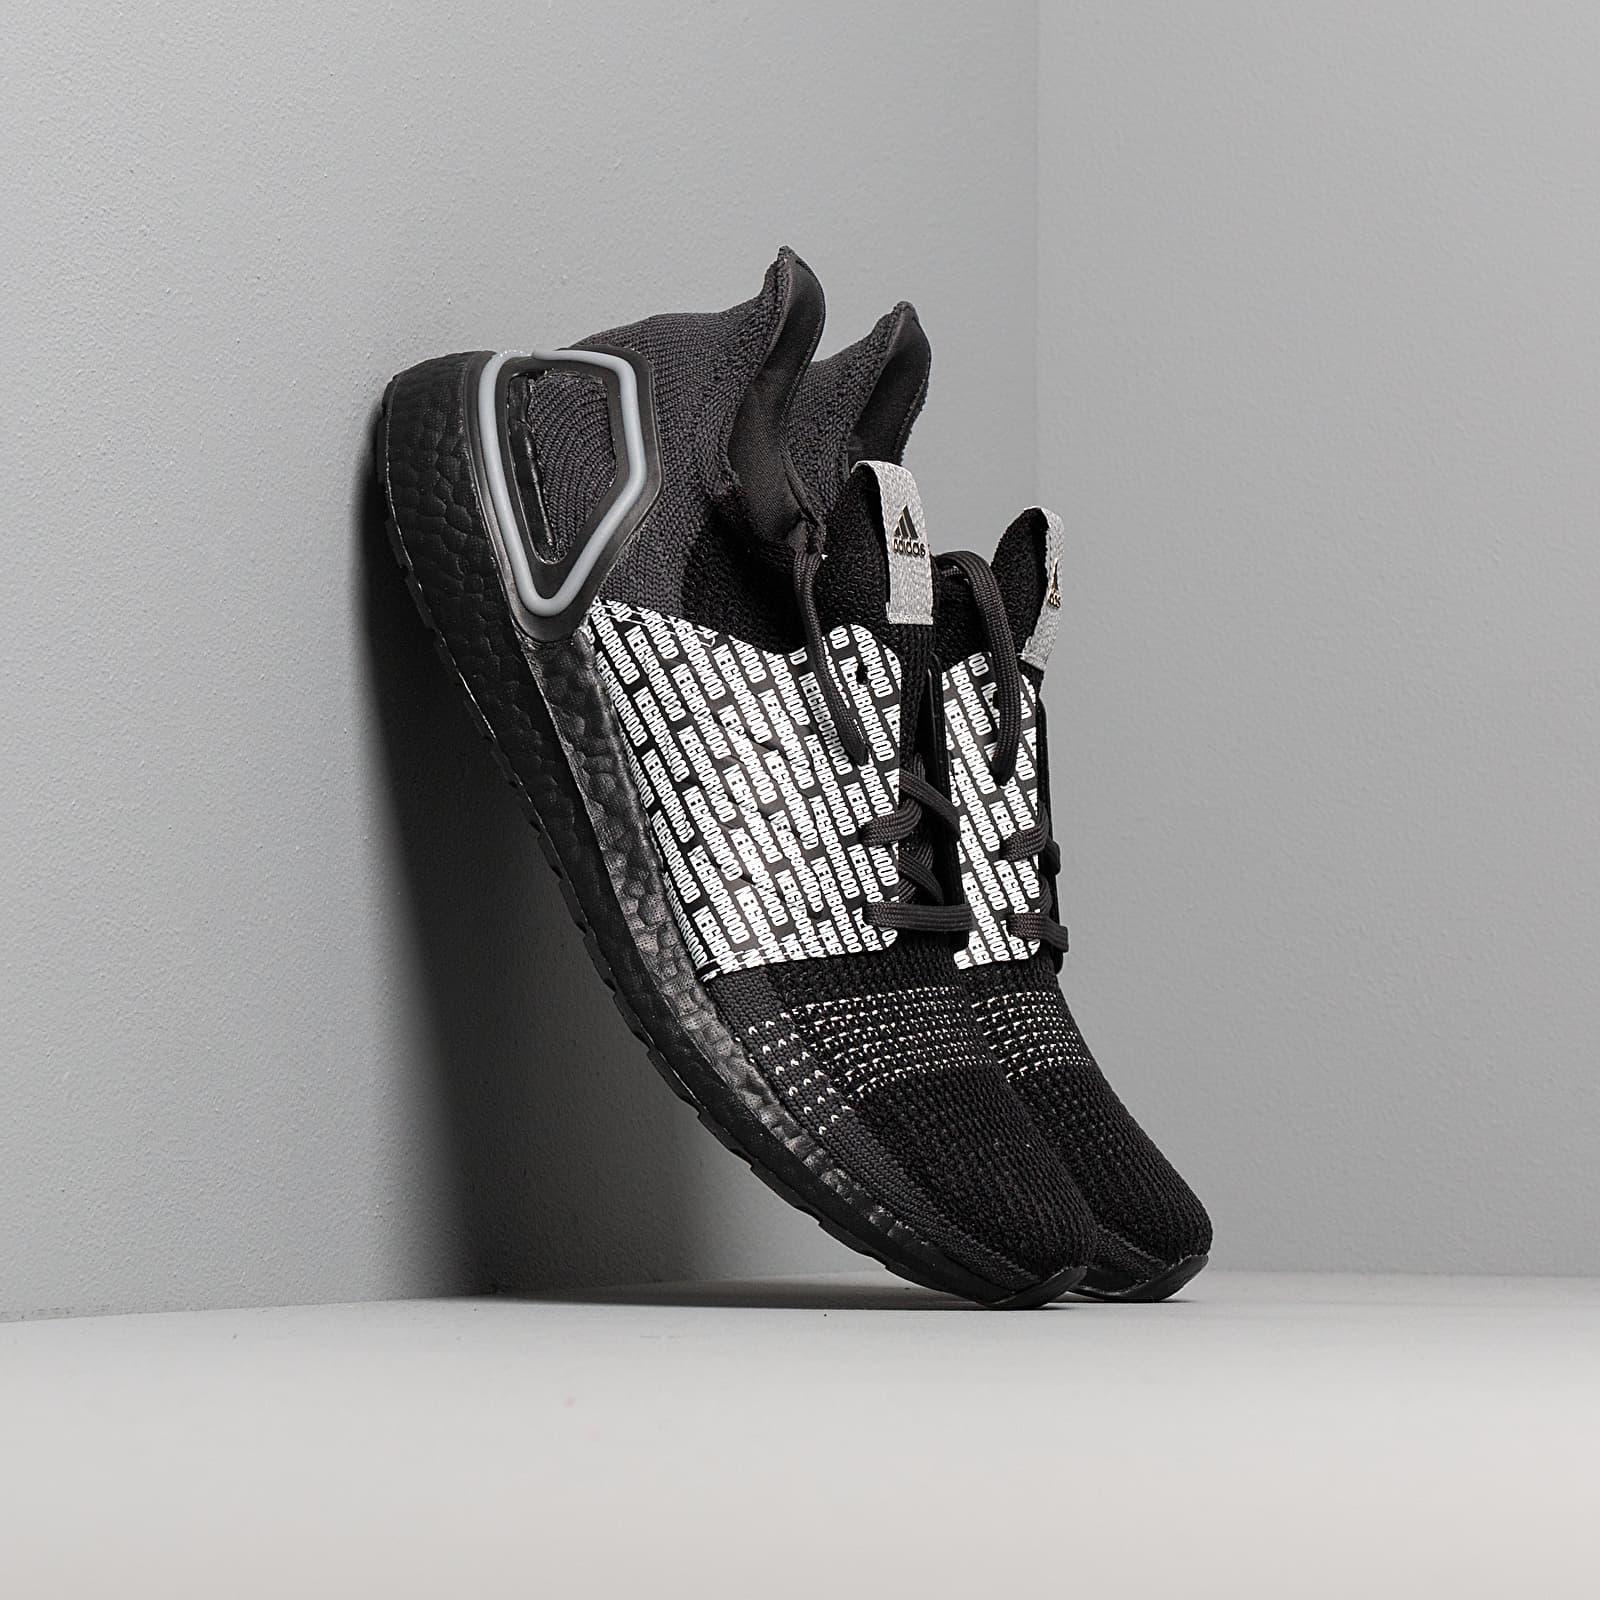 adidas x Neighborhood UltraBOOST 19